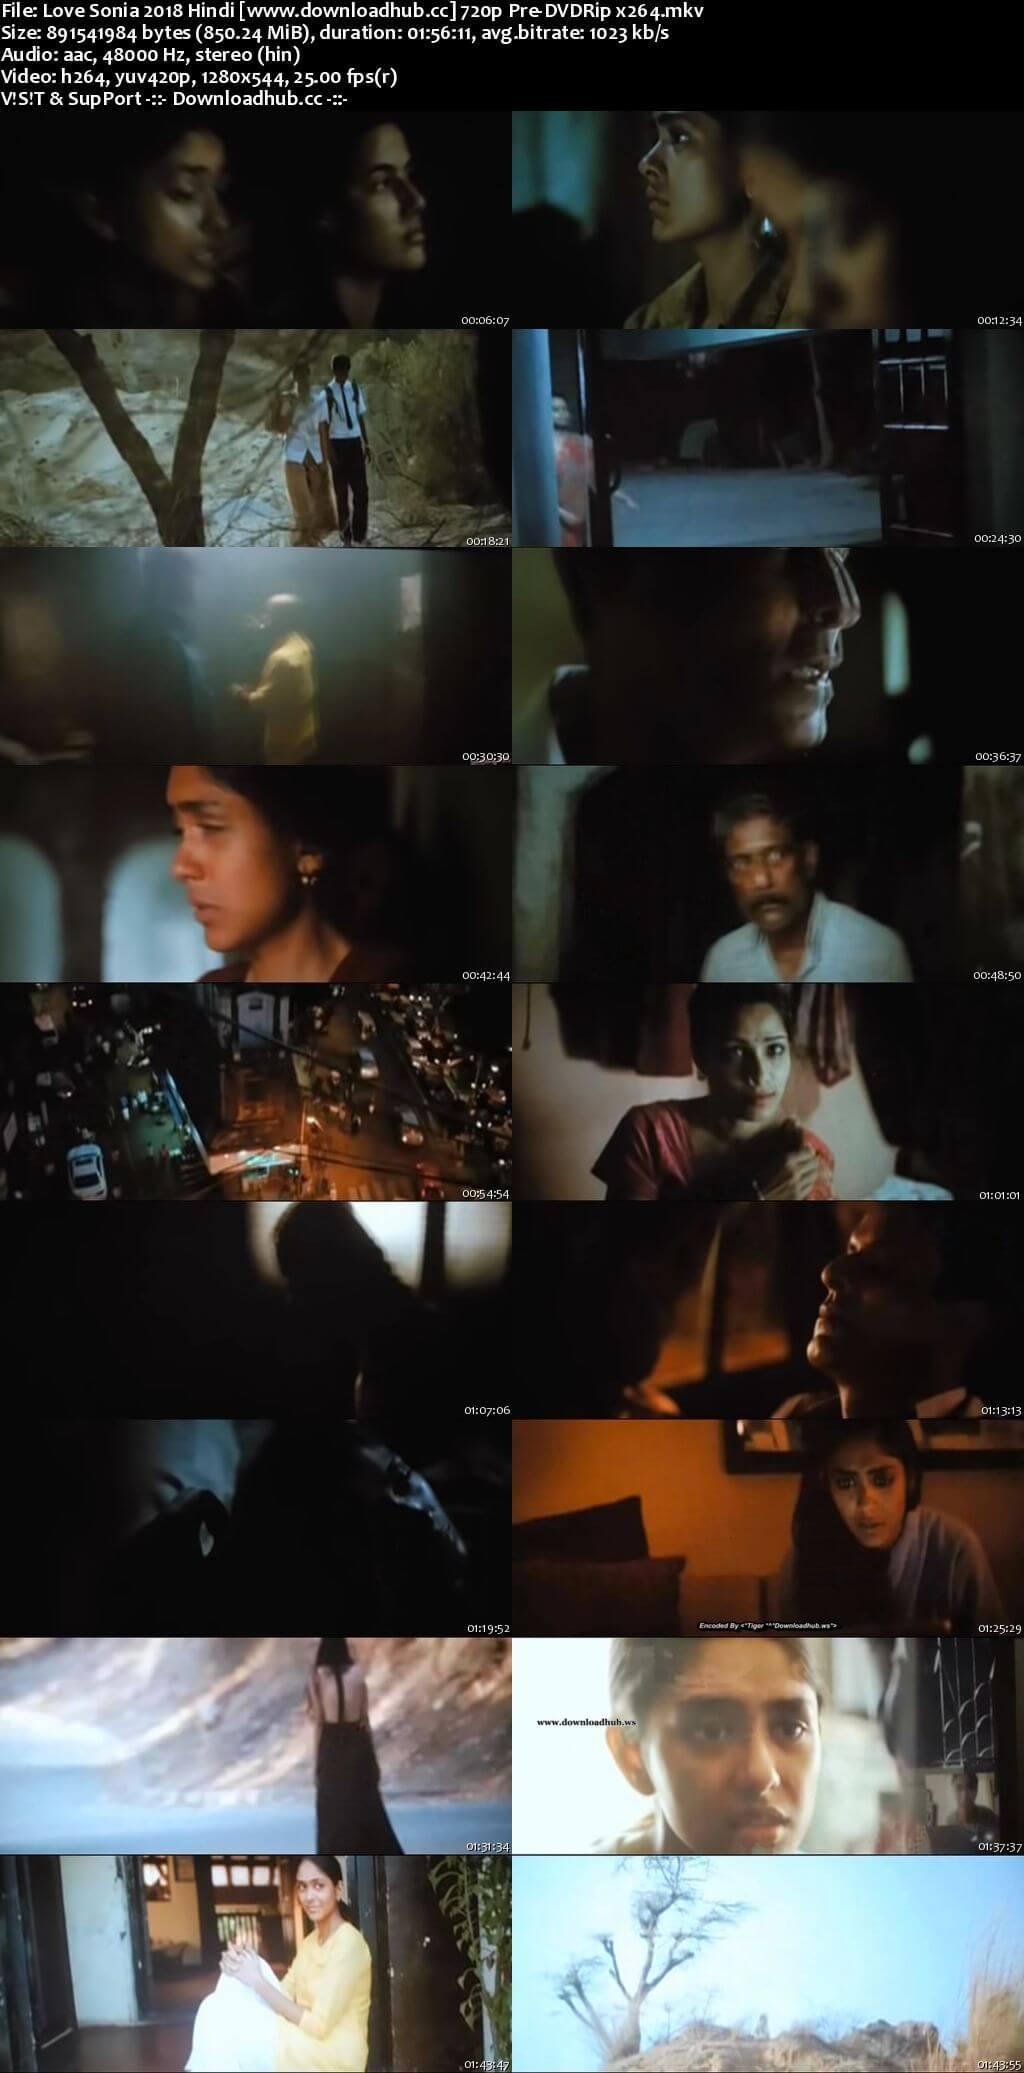 Love Sonia 2018 Hindi 720p Pre-DVDRip x264